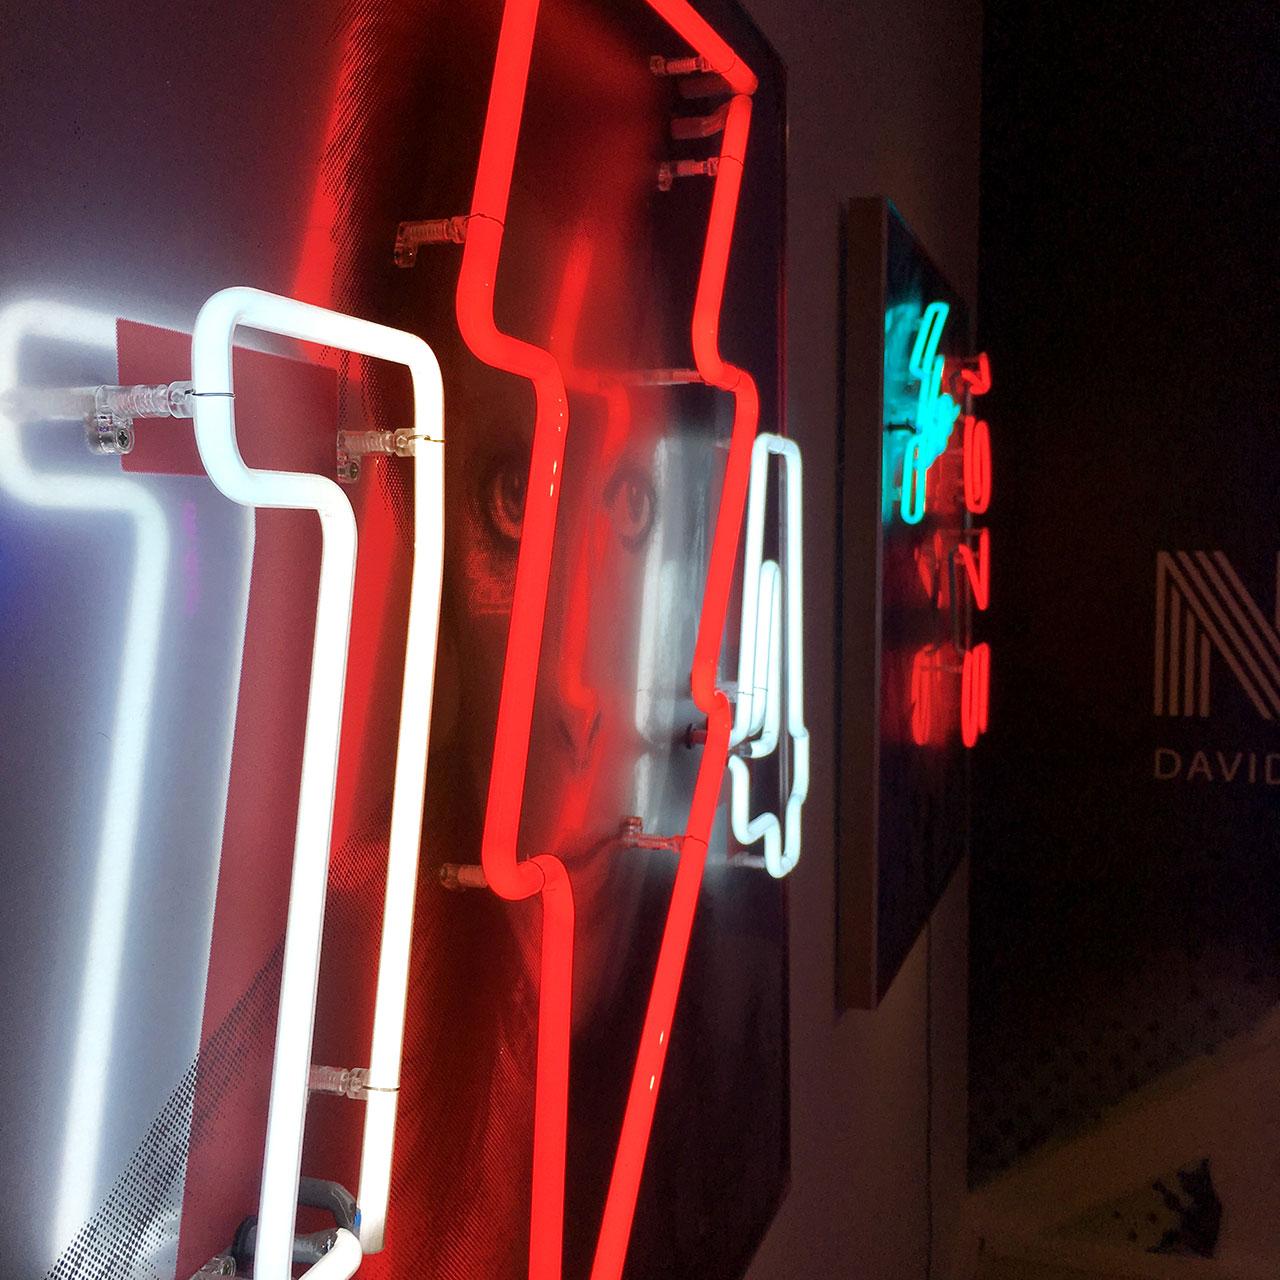 homenaje-david-bowie-neon-02